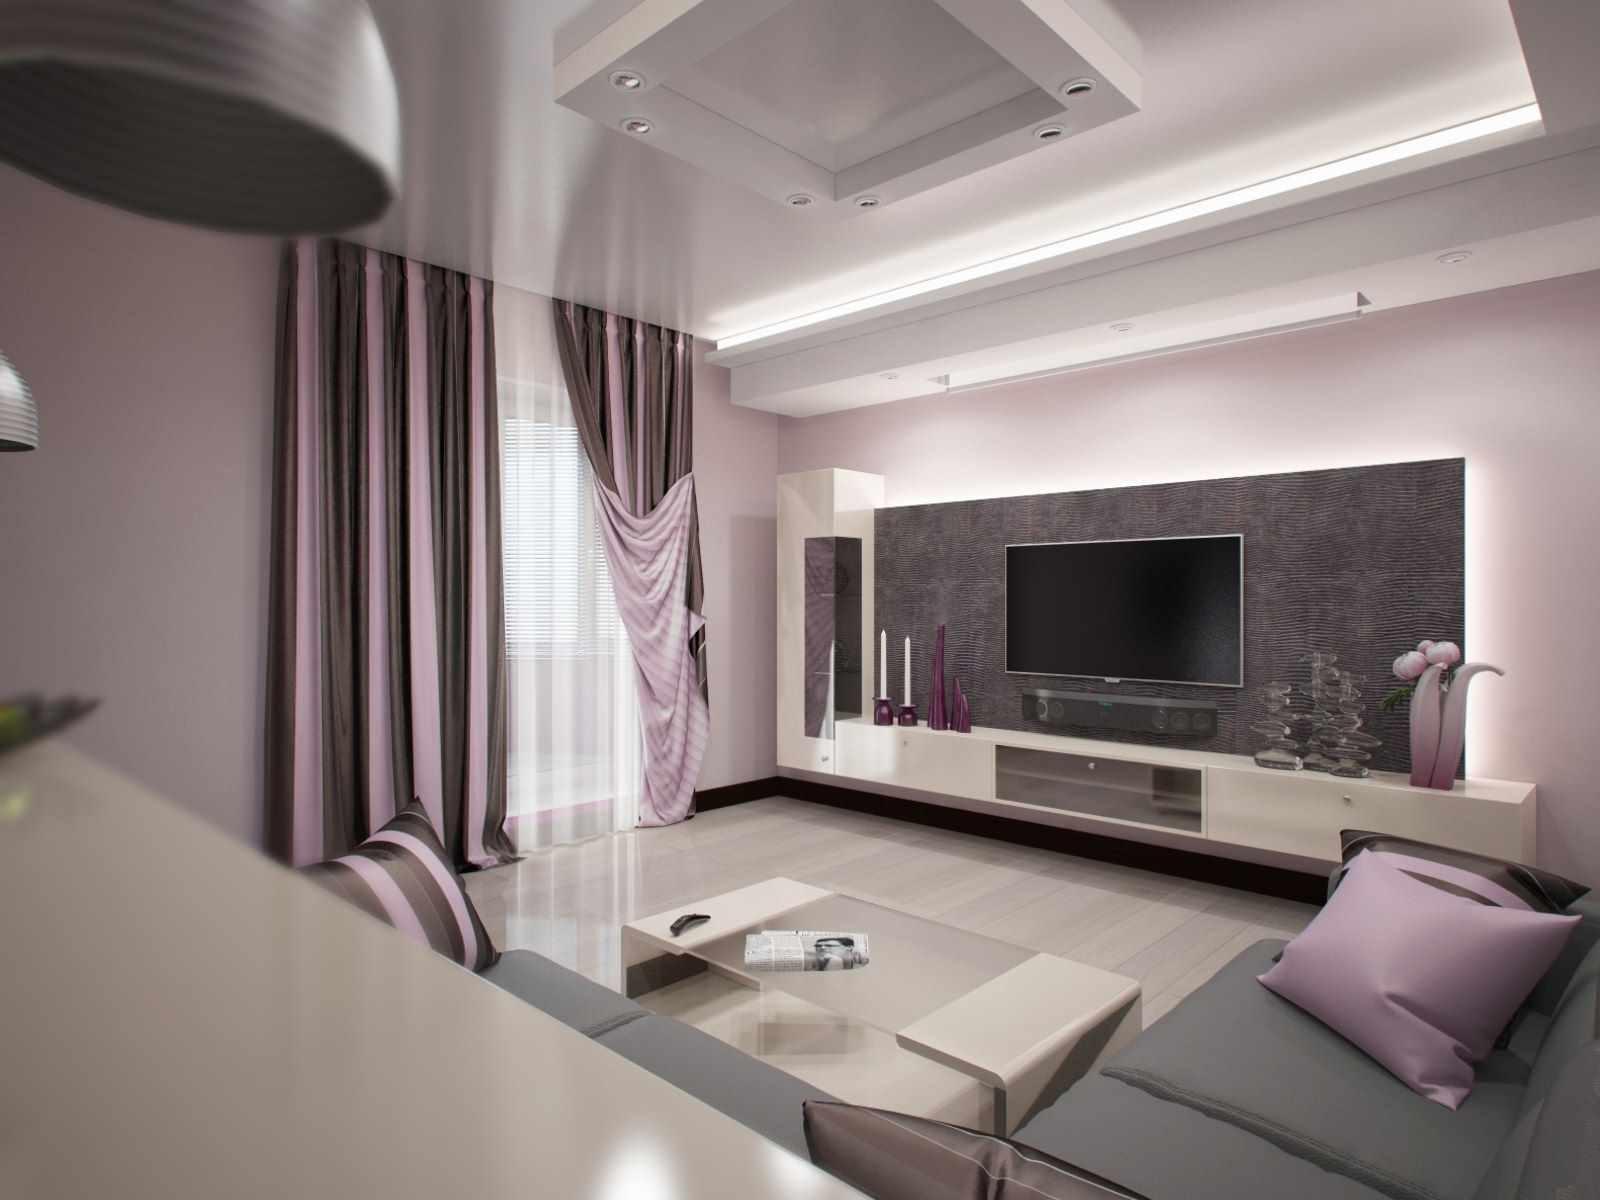 biến thể của nội thất khác thường của phòng khách 19-20 m2